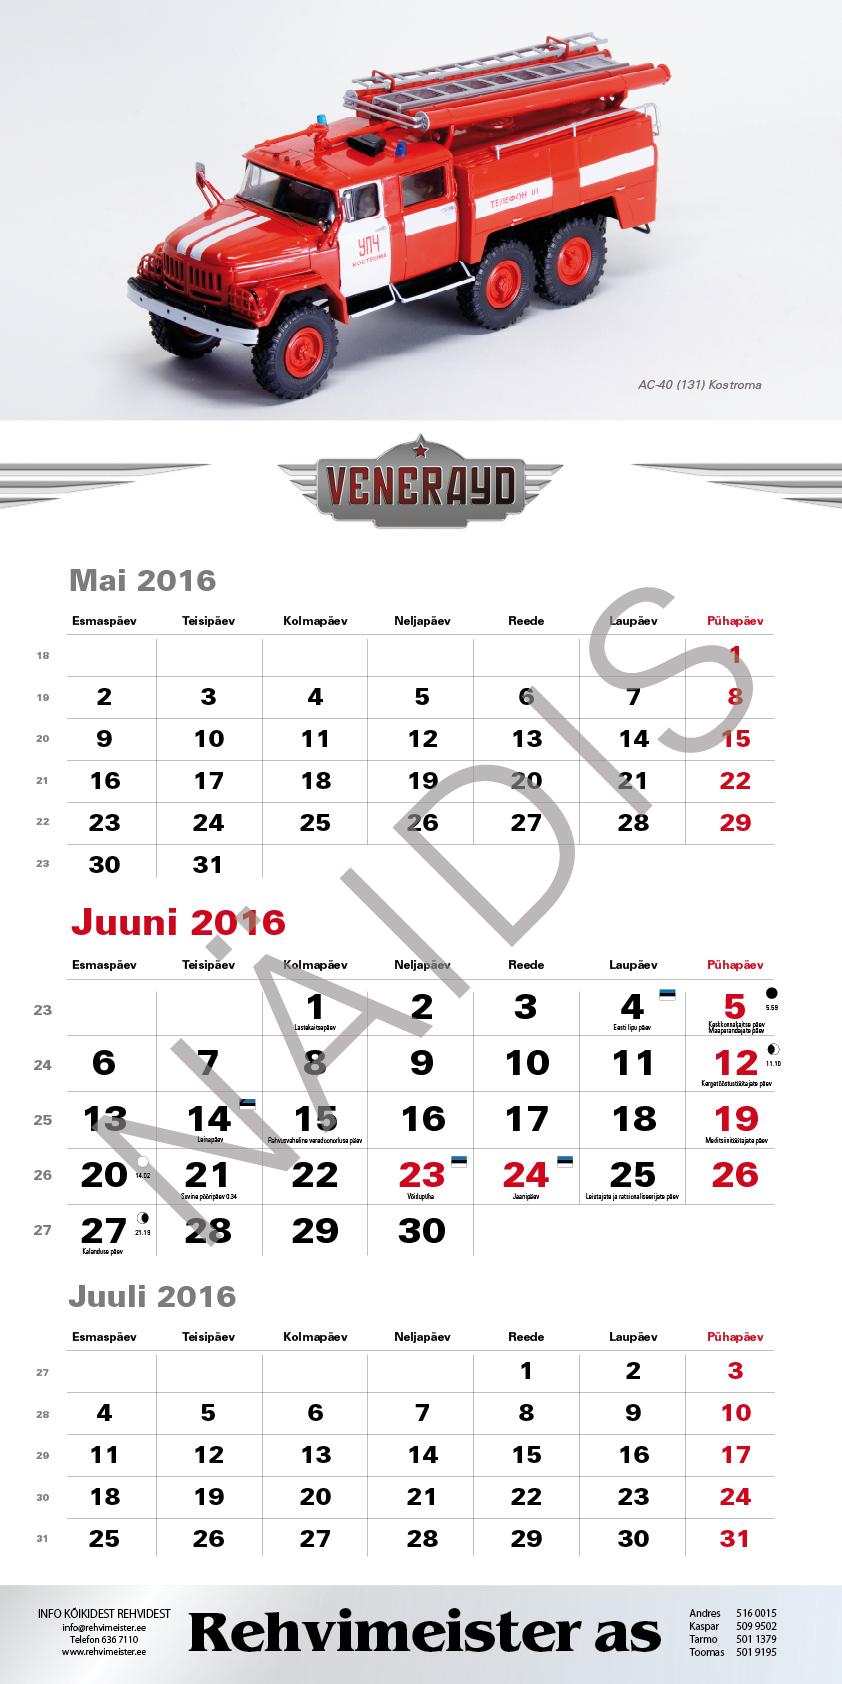 Veneraud_kalender_2016_7